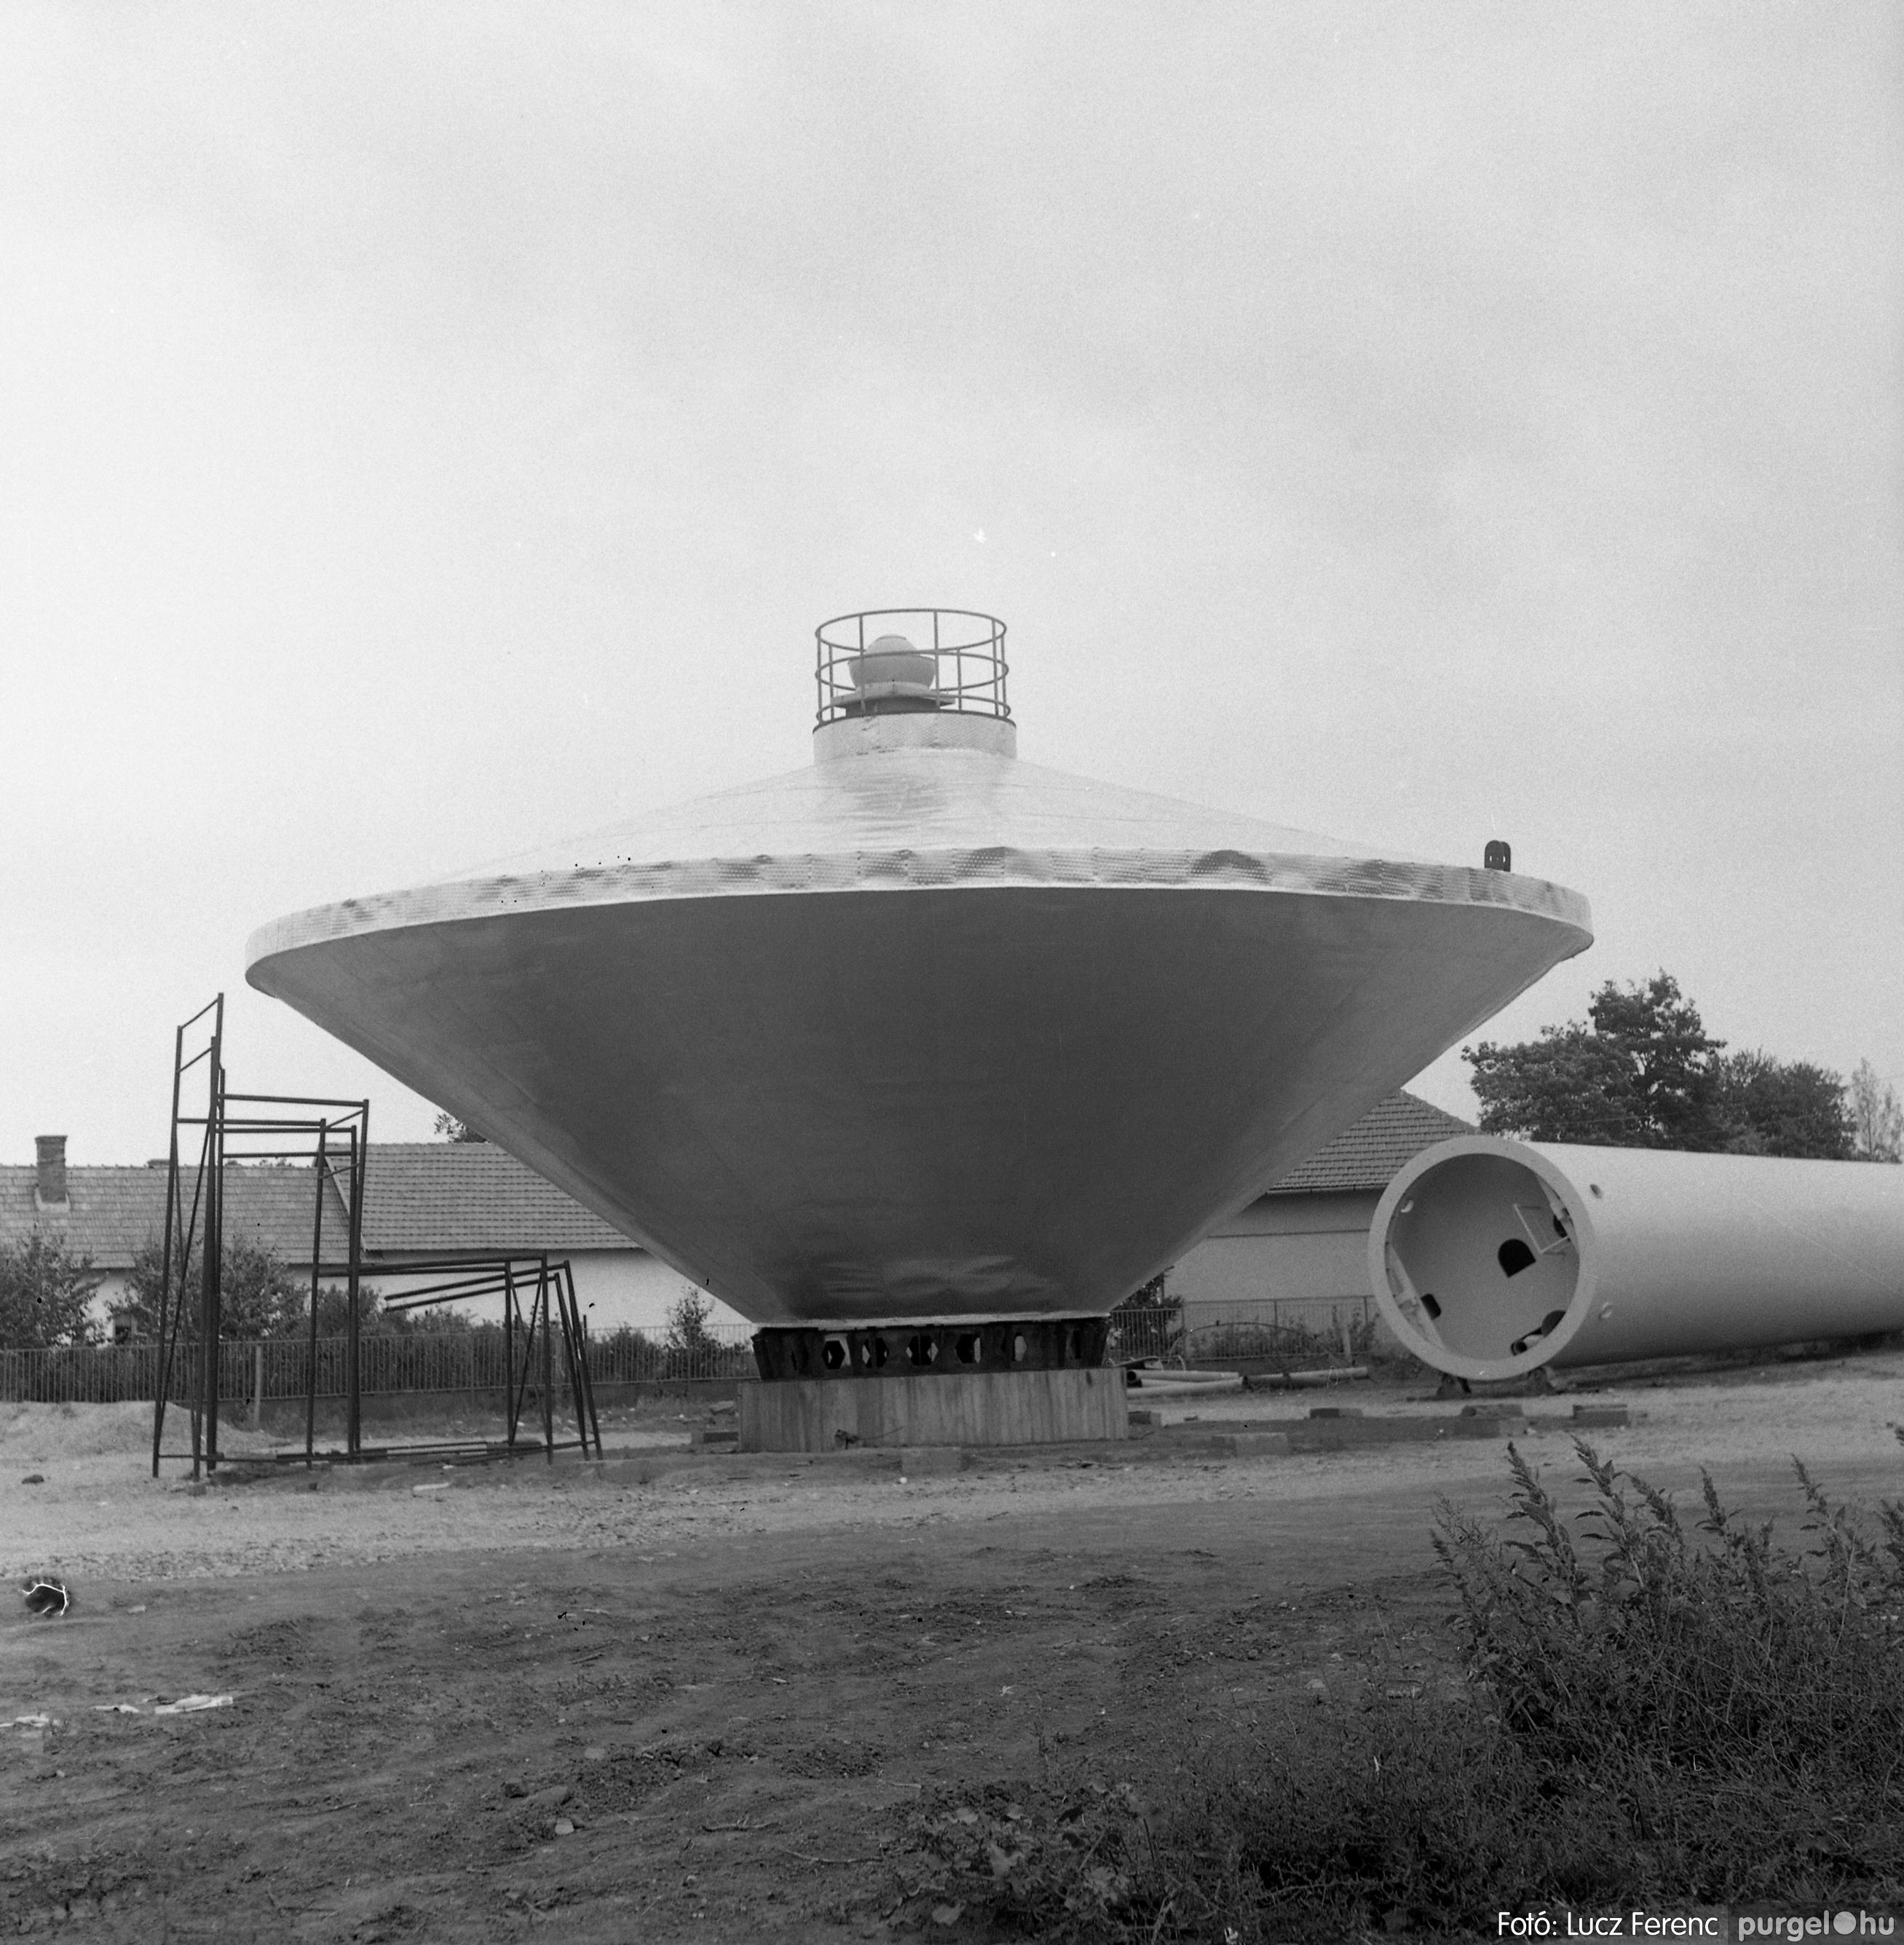 078. 1978. Épül a víztorony 003. - Fotó: Lucz Ferenc.jpg